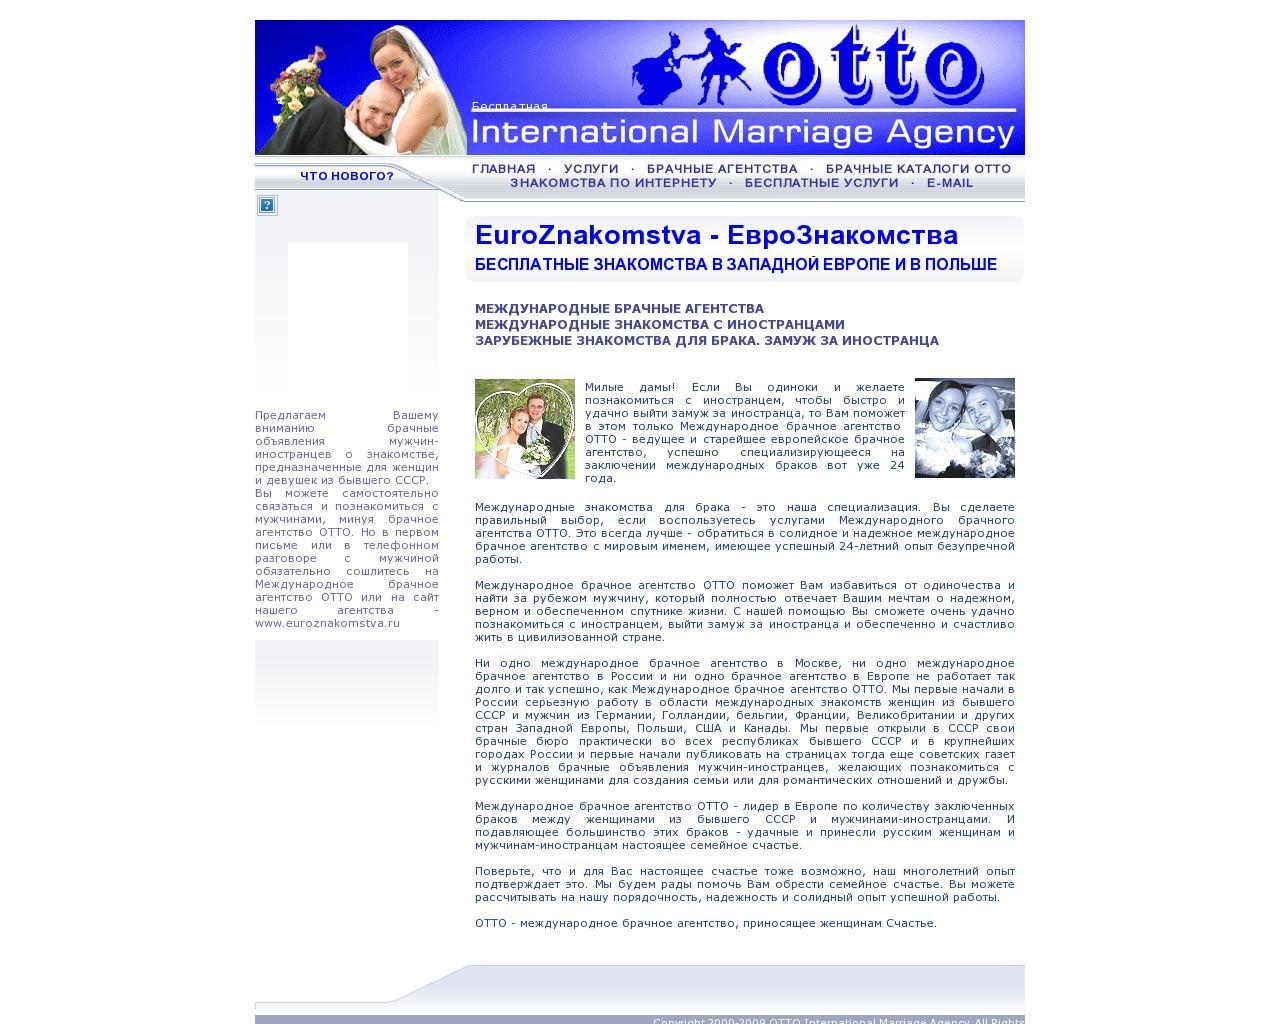 Сайт Для Знакомств С Иностранцами Франция